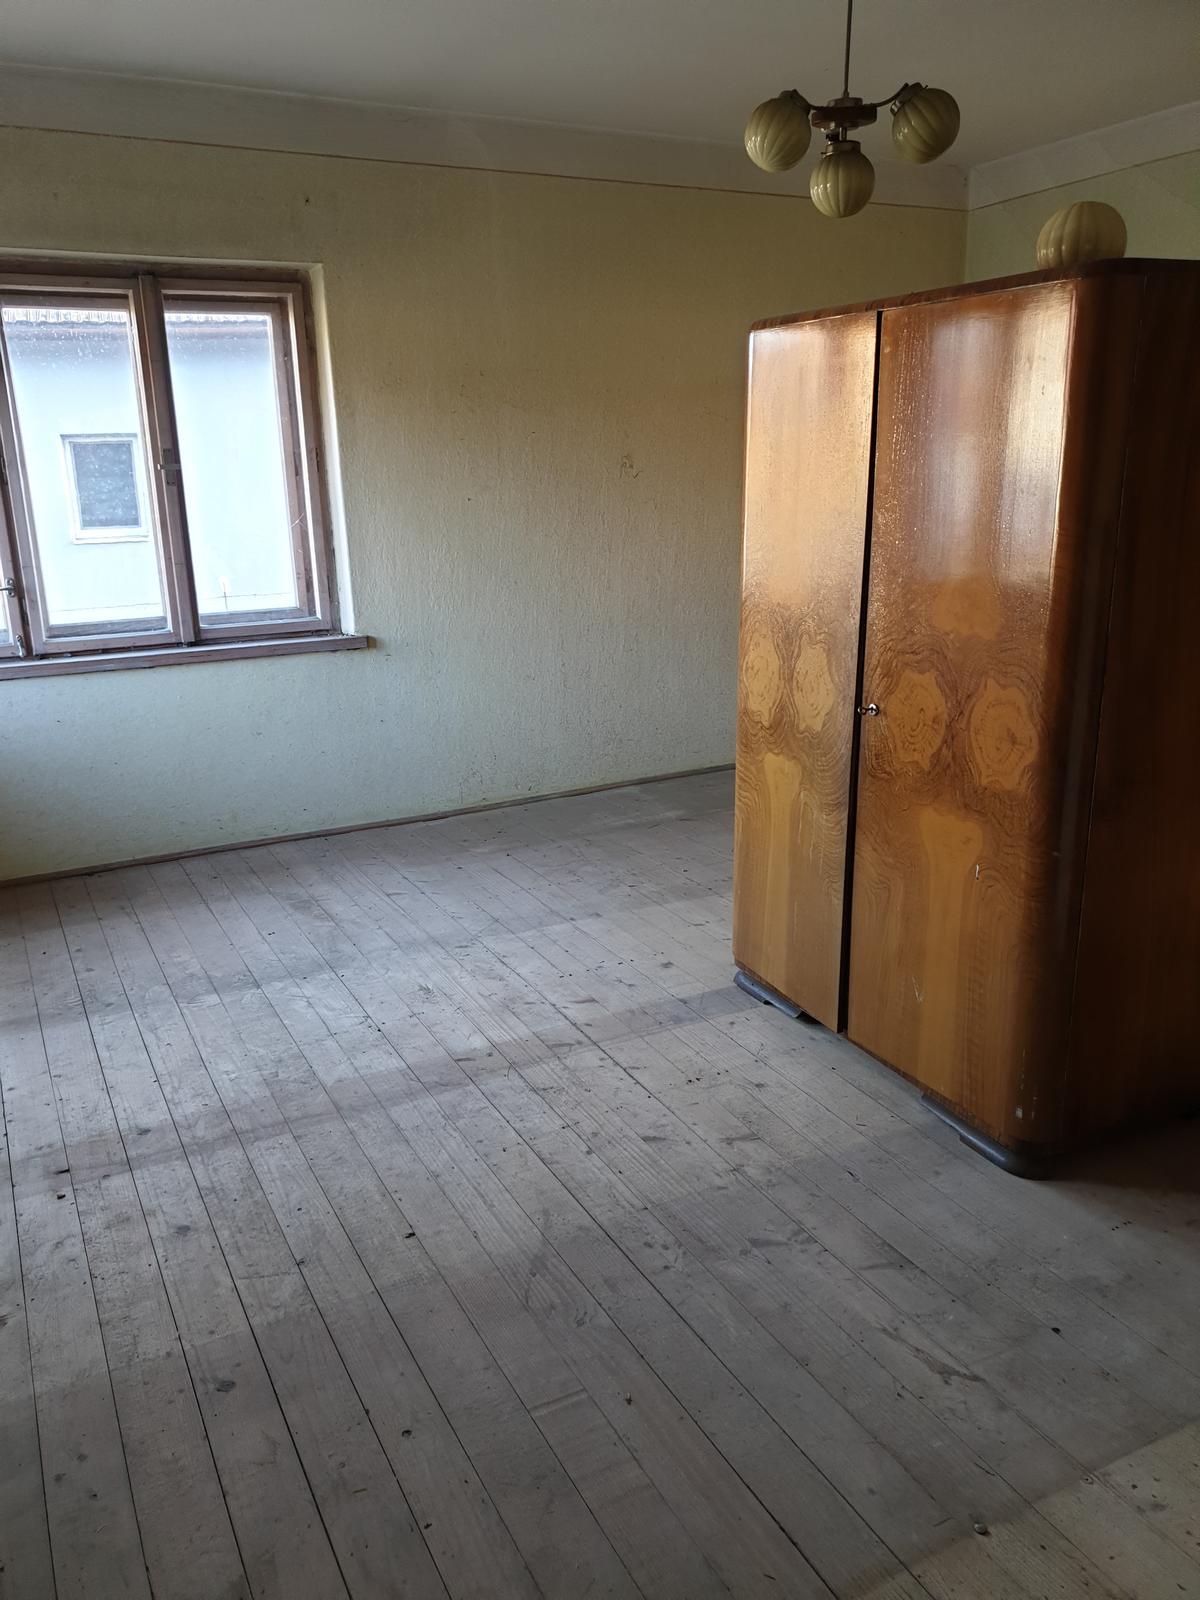 Rekonštrukcia domu-alebo chceme si splniť sen =》🏠🌻🌼🐶  mat domcek a vratit sa na Slovensko - tu bude kuchyna